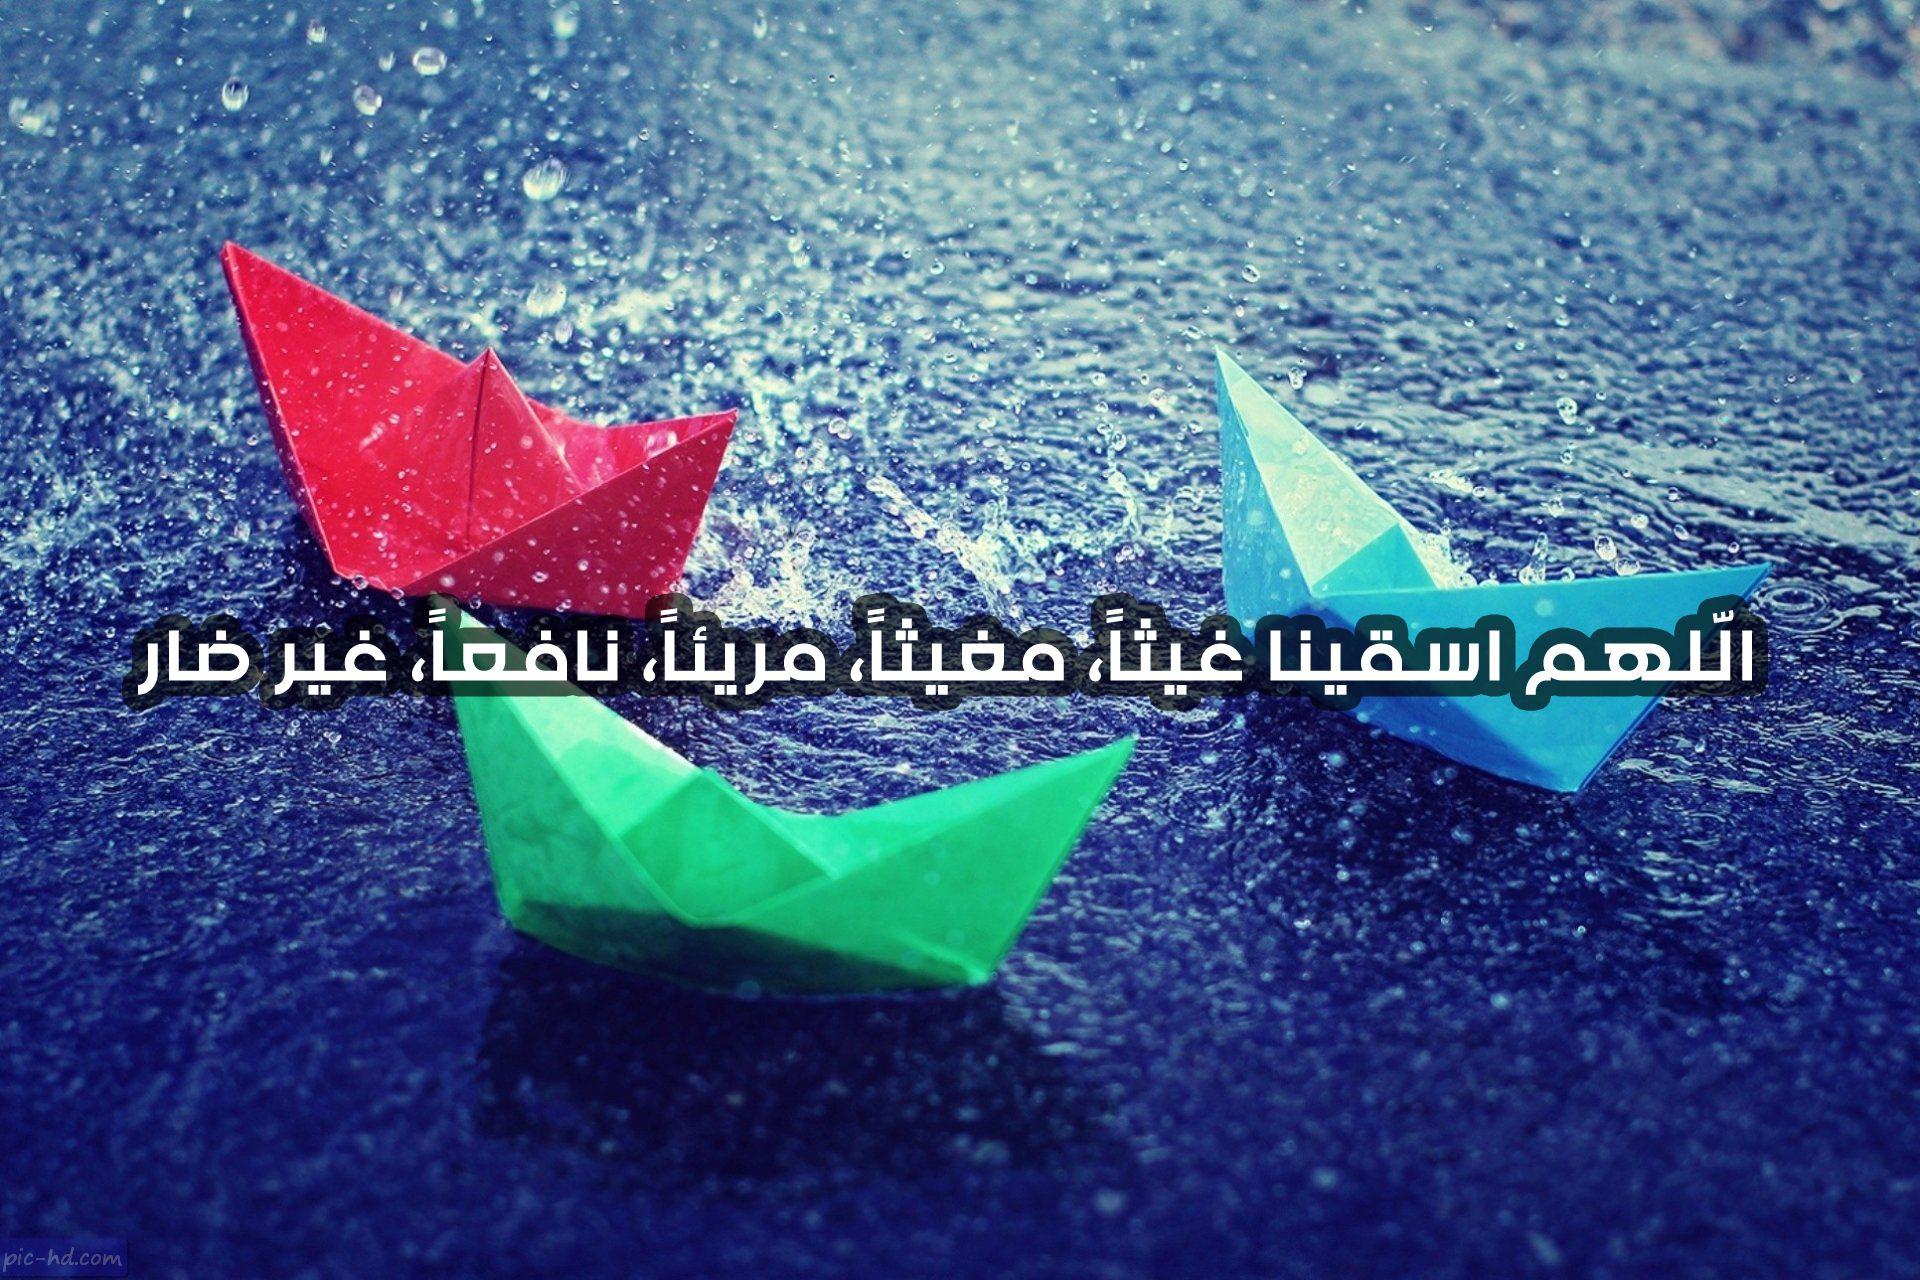 ادعية عند نزول المطر مكتوبة علي صور صور مطر مع عبارات وادعية Rain Movie Posters Image